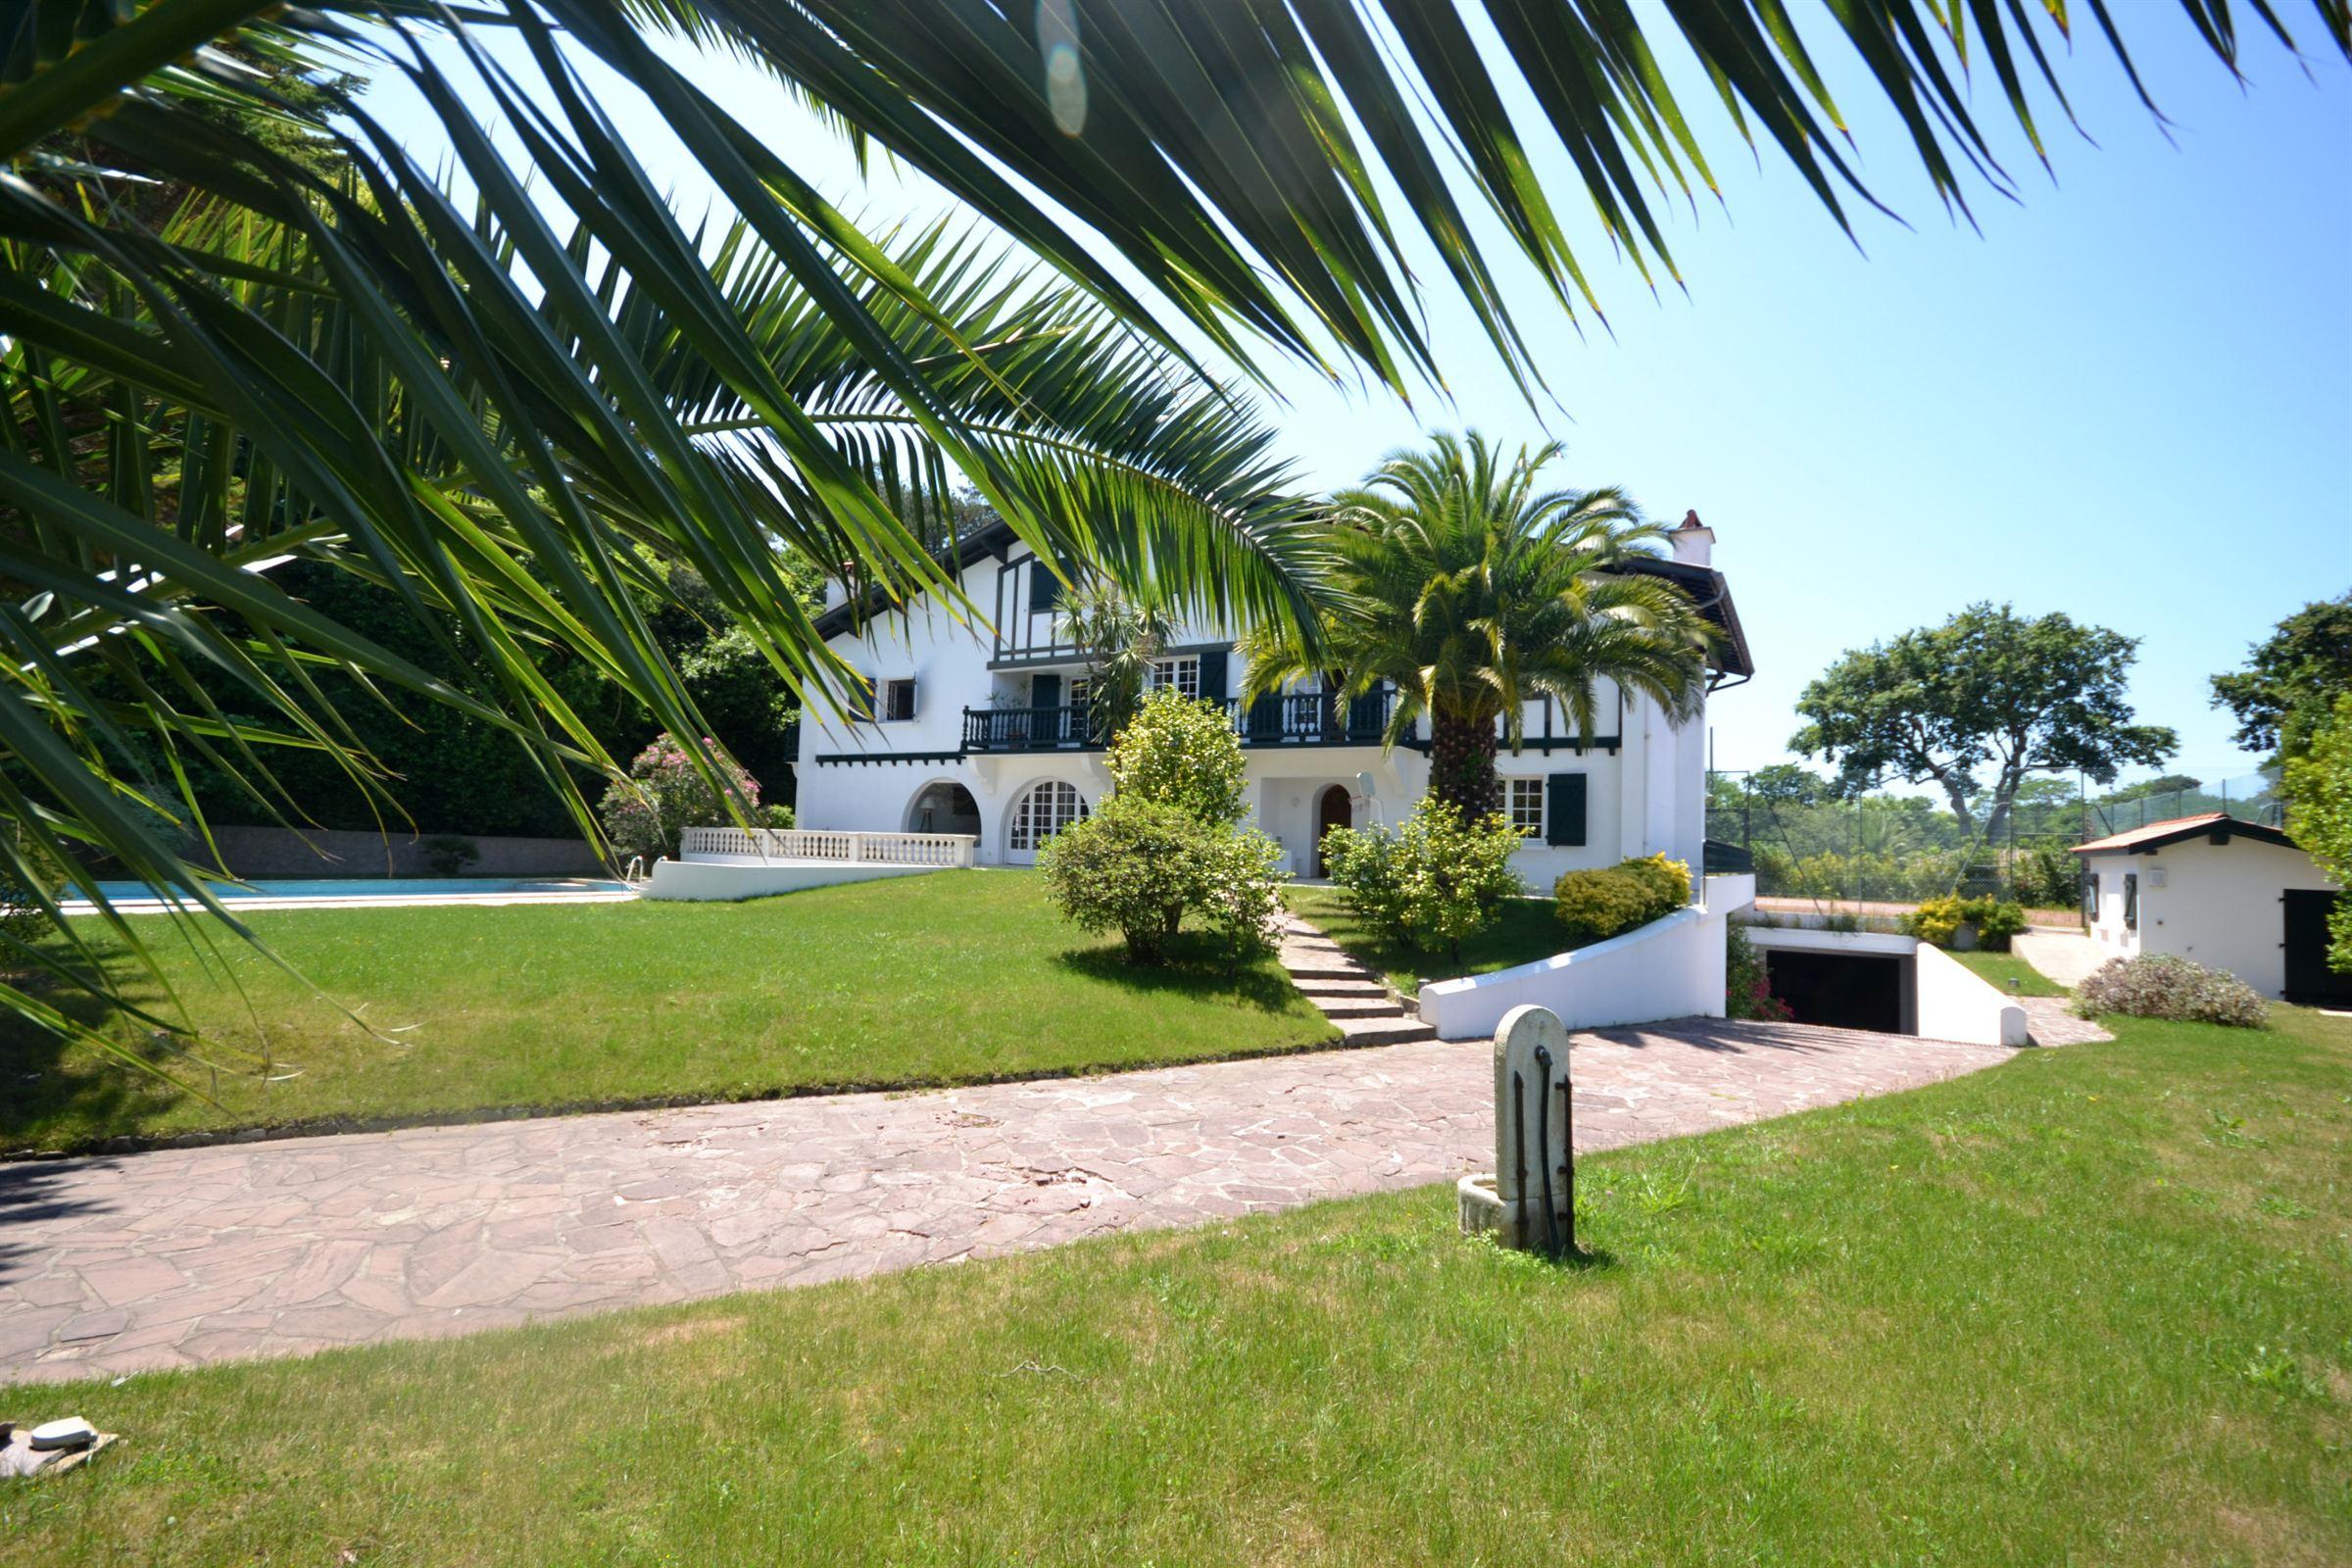 独户住宅 为 销售 在 Proche du centre-ville de Biarritz Biarritz, 阿基坦, 64200 法国